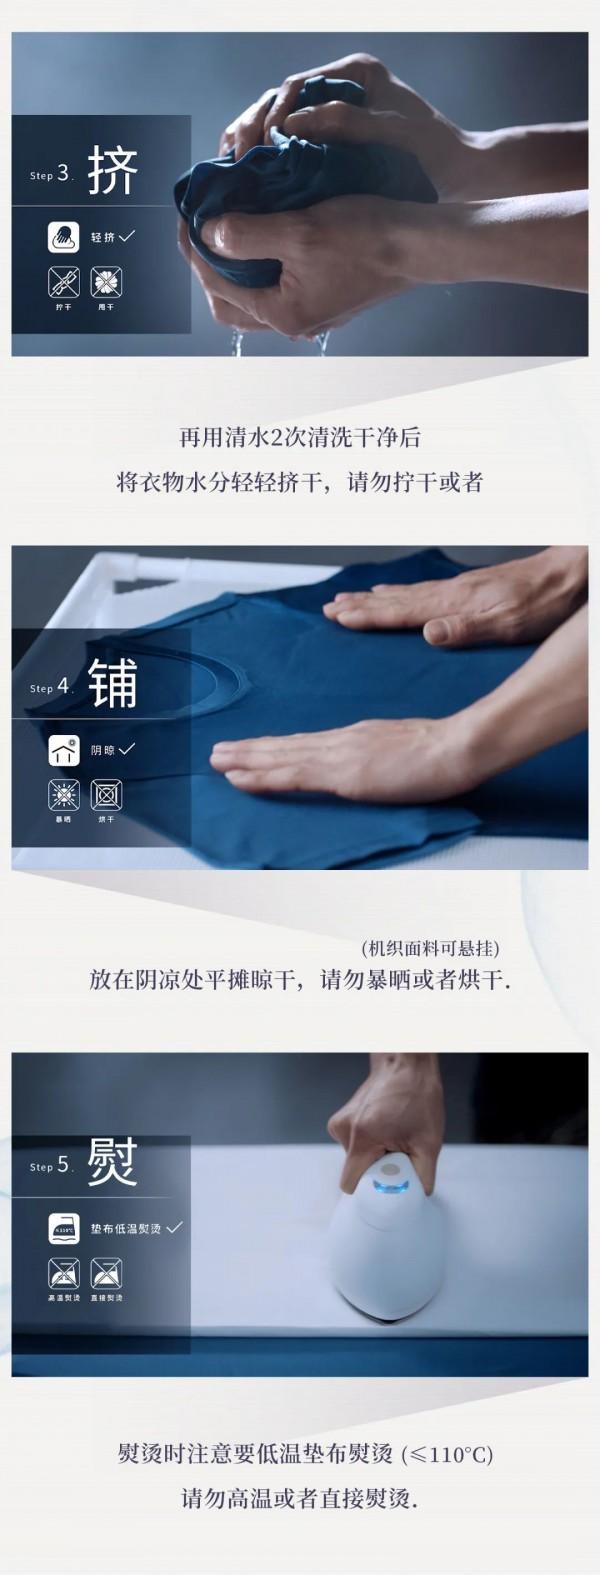 桑蚕丝衣服怎么洗怎么护理 桑蚕丝衣服的优点好处